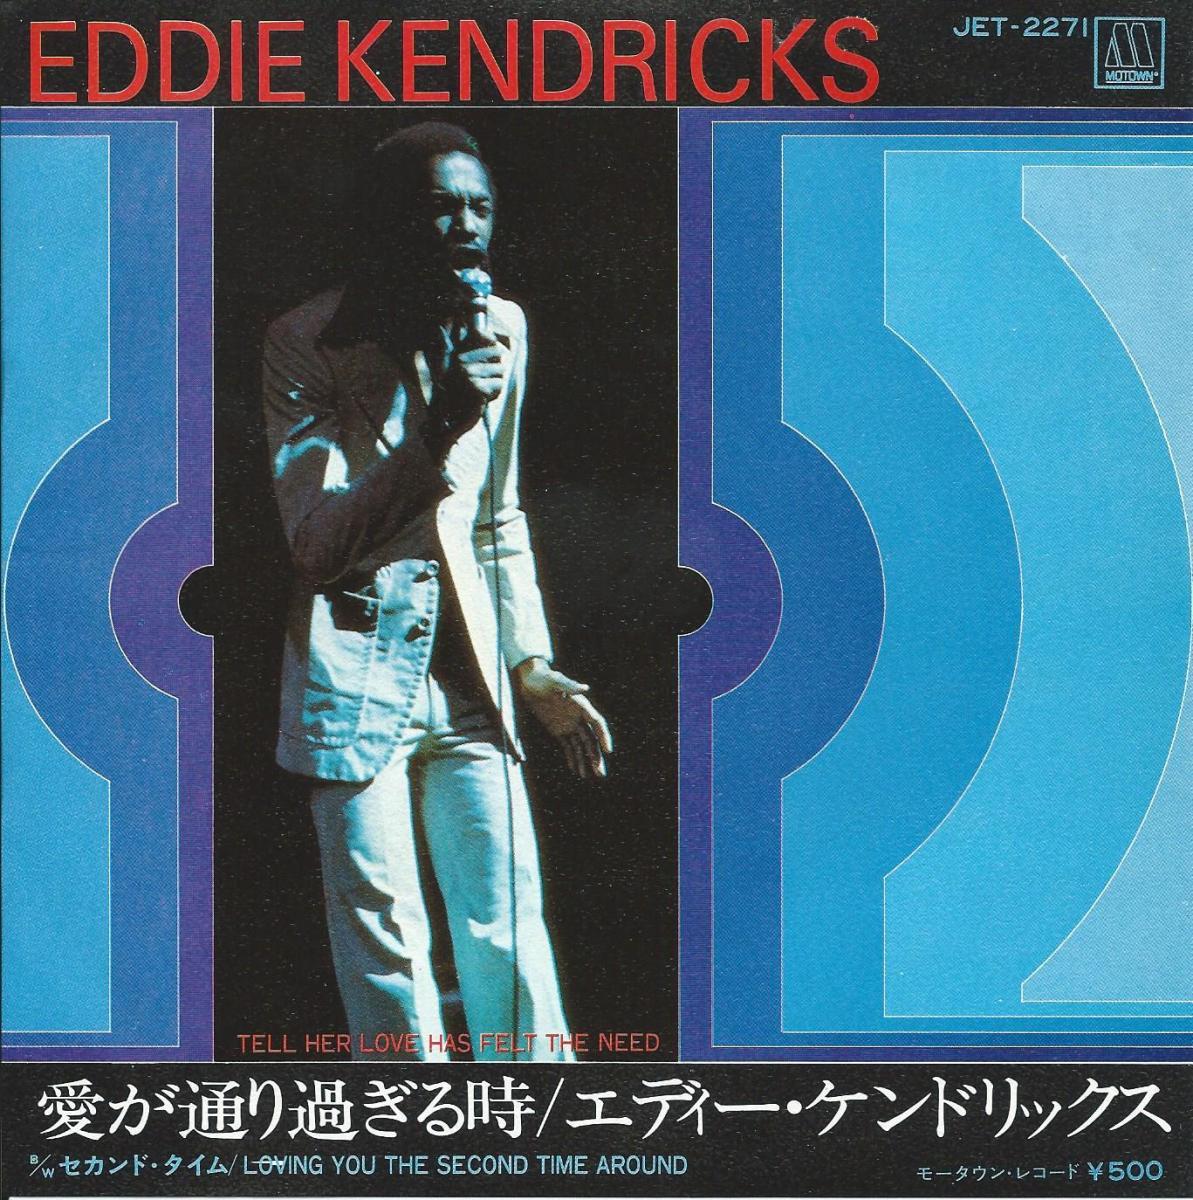 エディー・ケンドリックス EDDIE KENDRICKS / 愛が通り過ぎる時 / セカンド・タイム (7